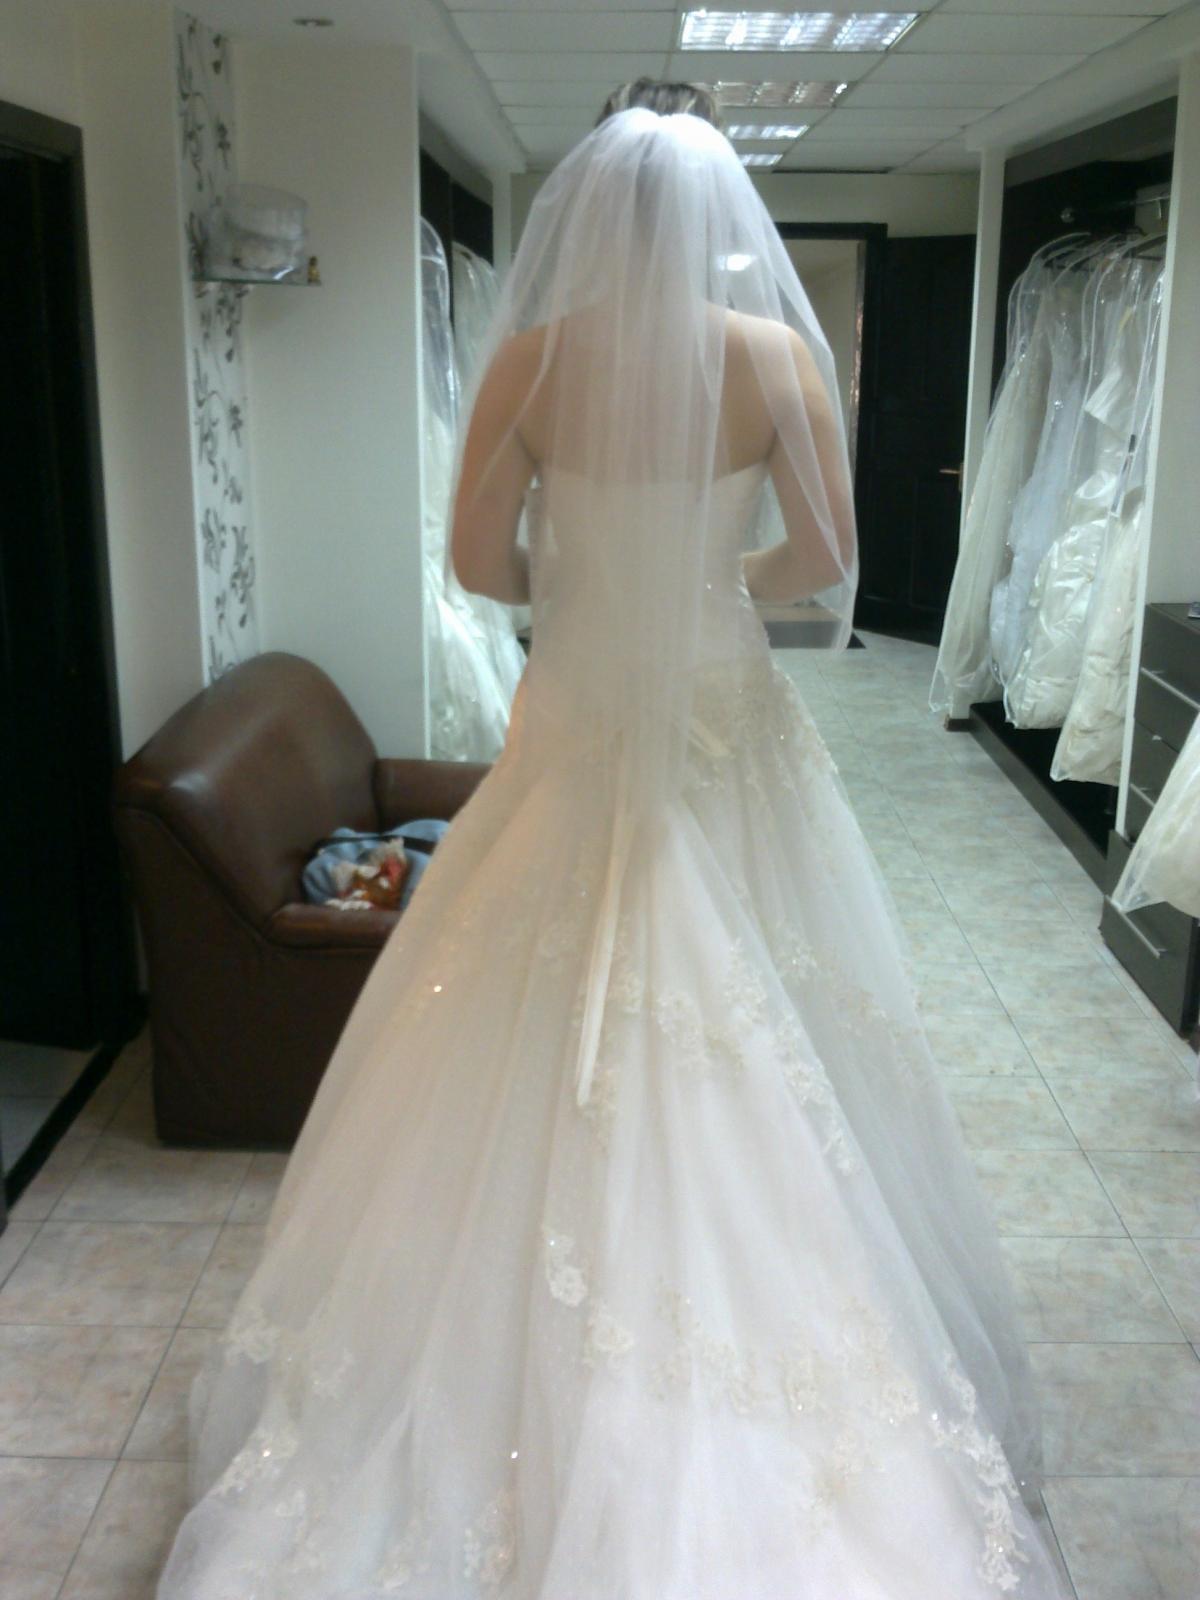 Комментарий: Продам свадебное платье Maggie Sottero модель Primavera оригинал, на 42-46 р-р на шнуровке, покупала у офиц. представителя в Астане свадебный